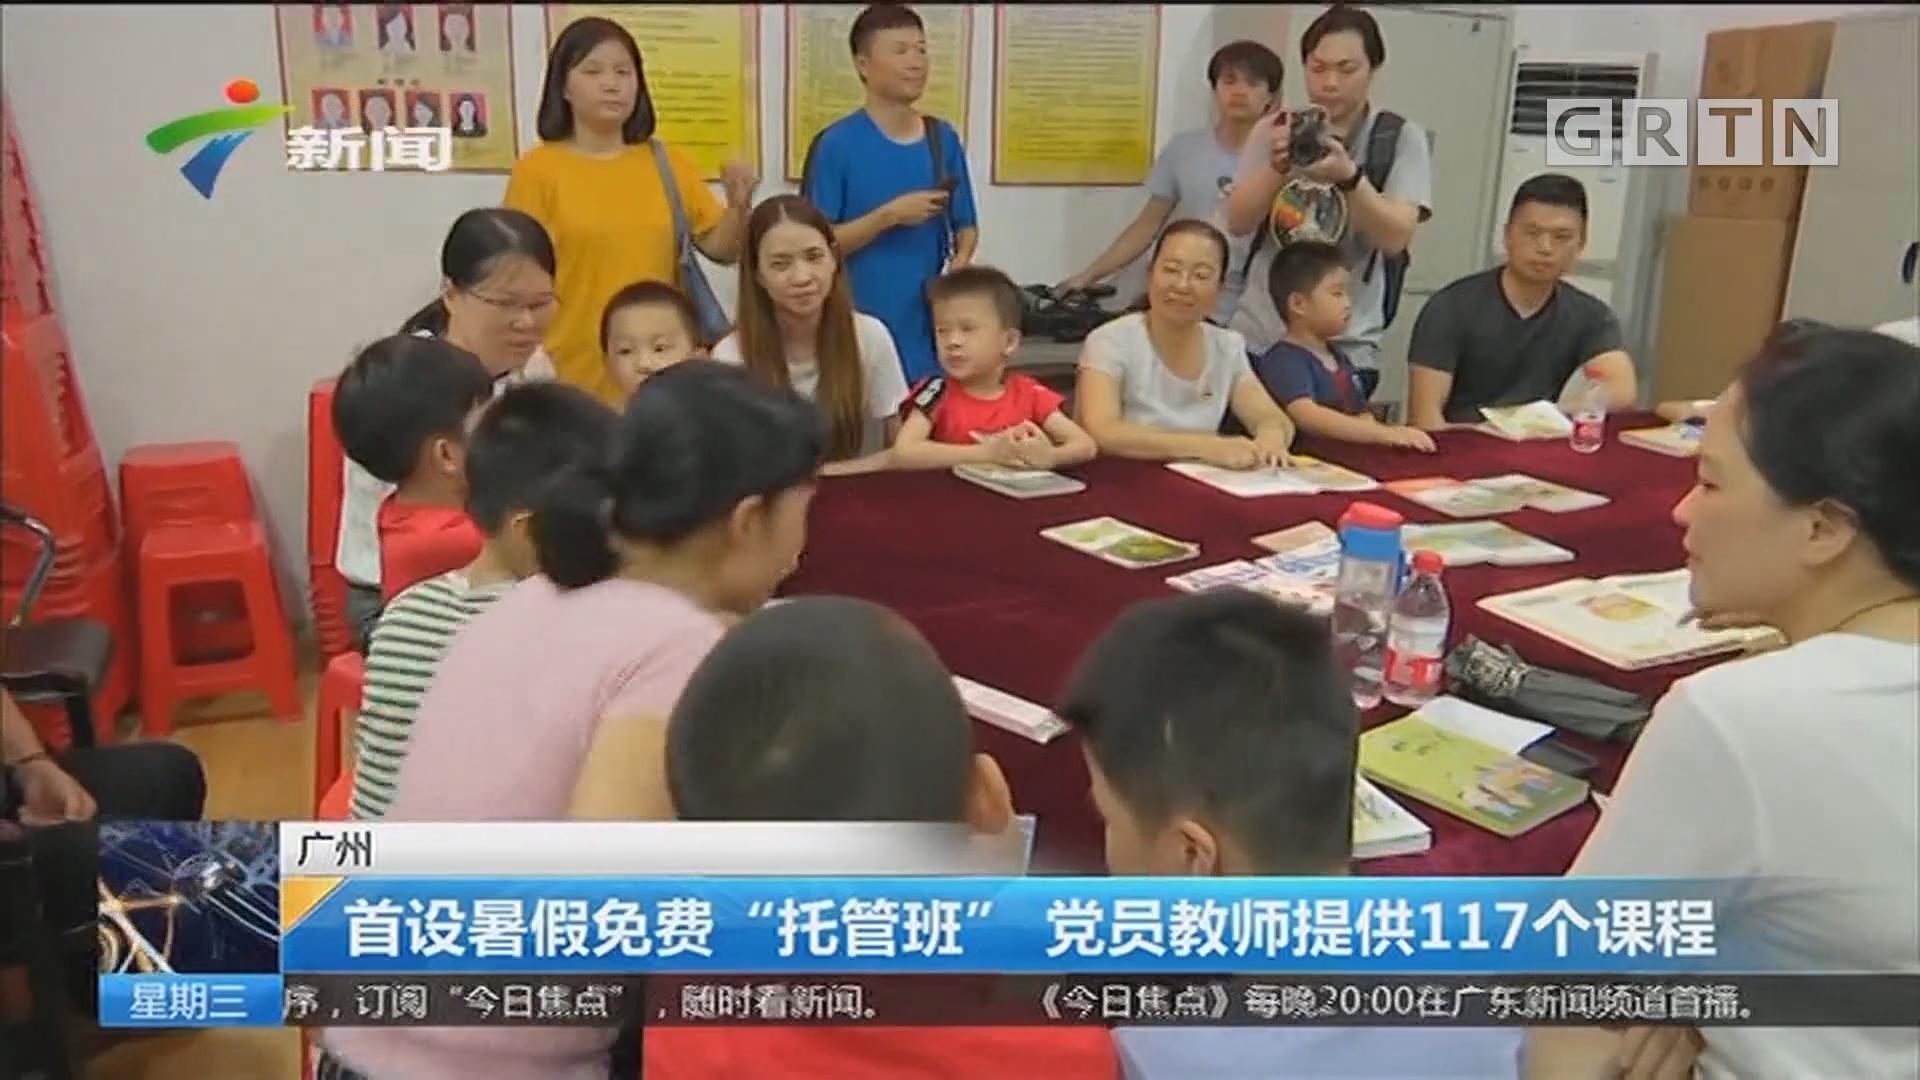 """广州:首设暑假免费""""托管班"""" 党员教师提供117个课程"""